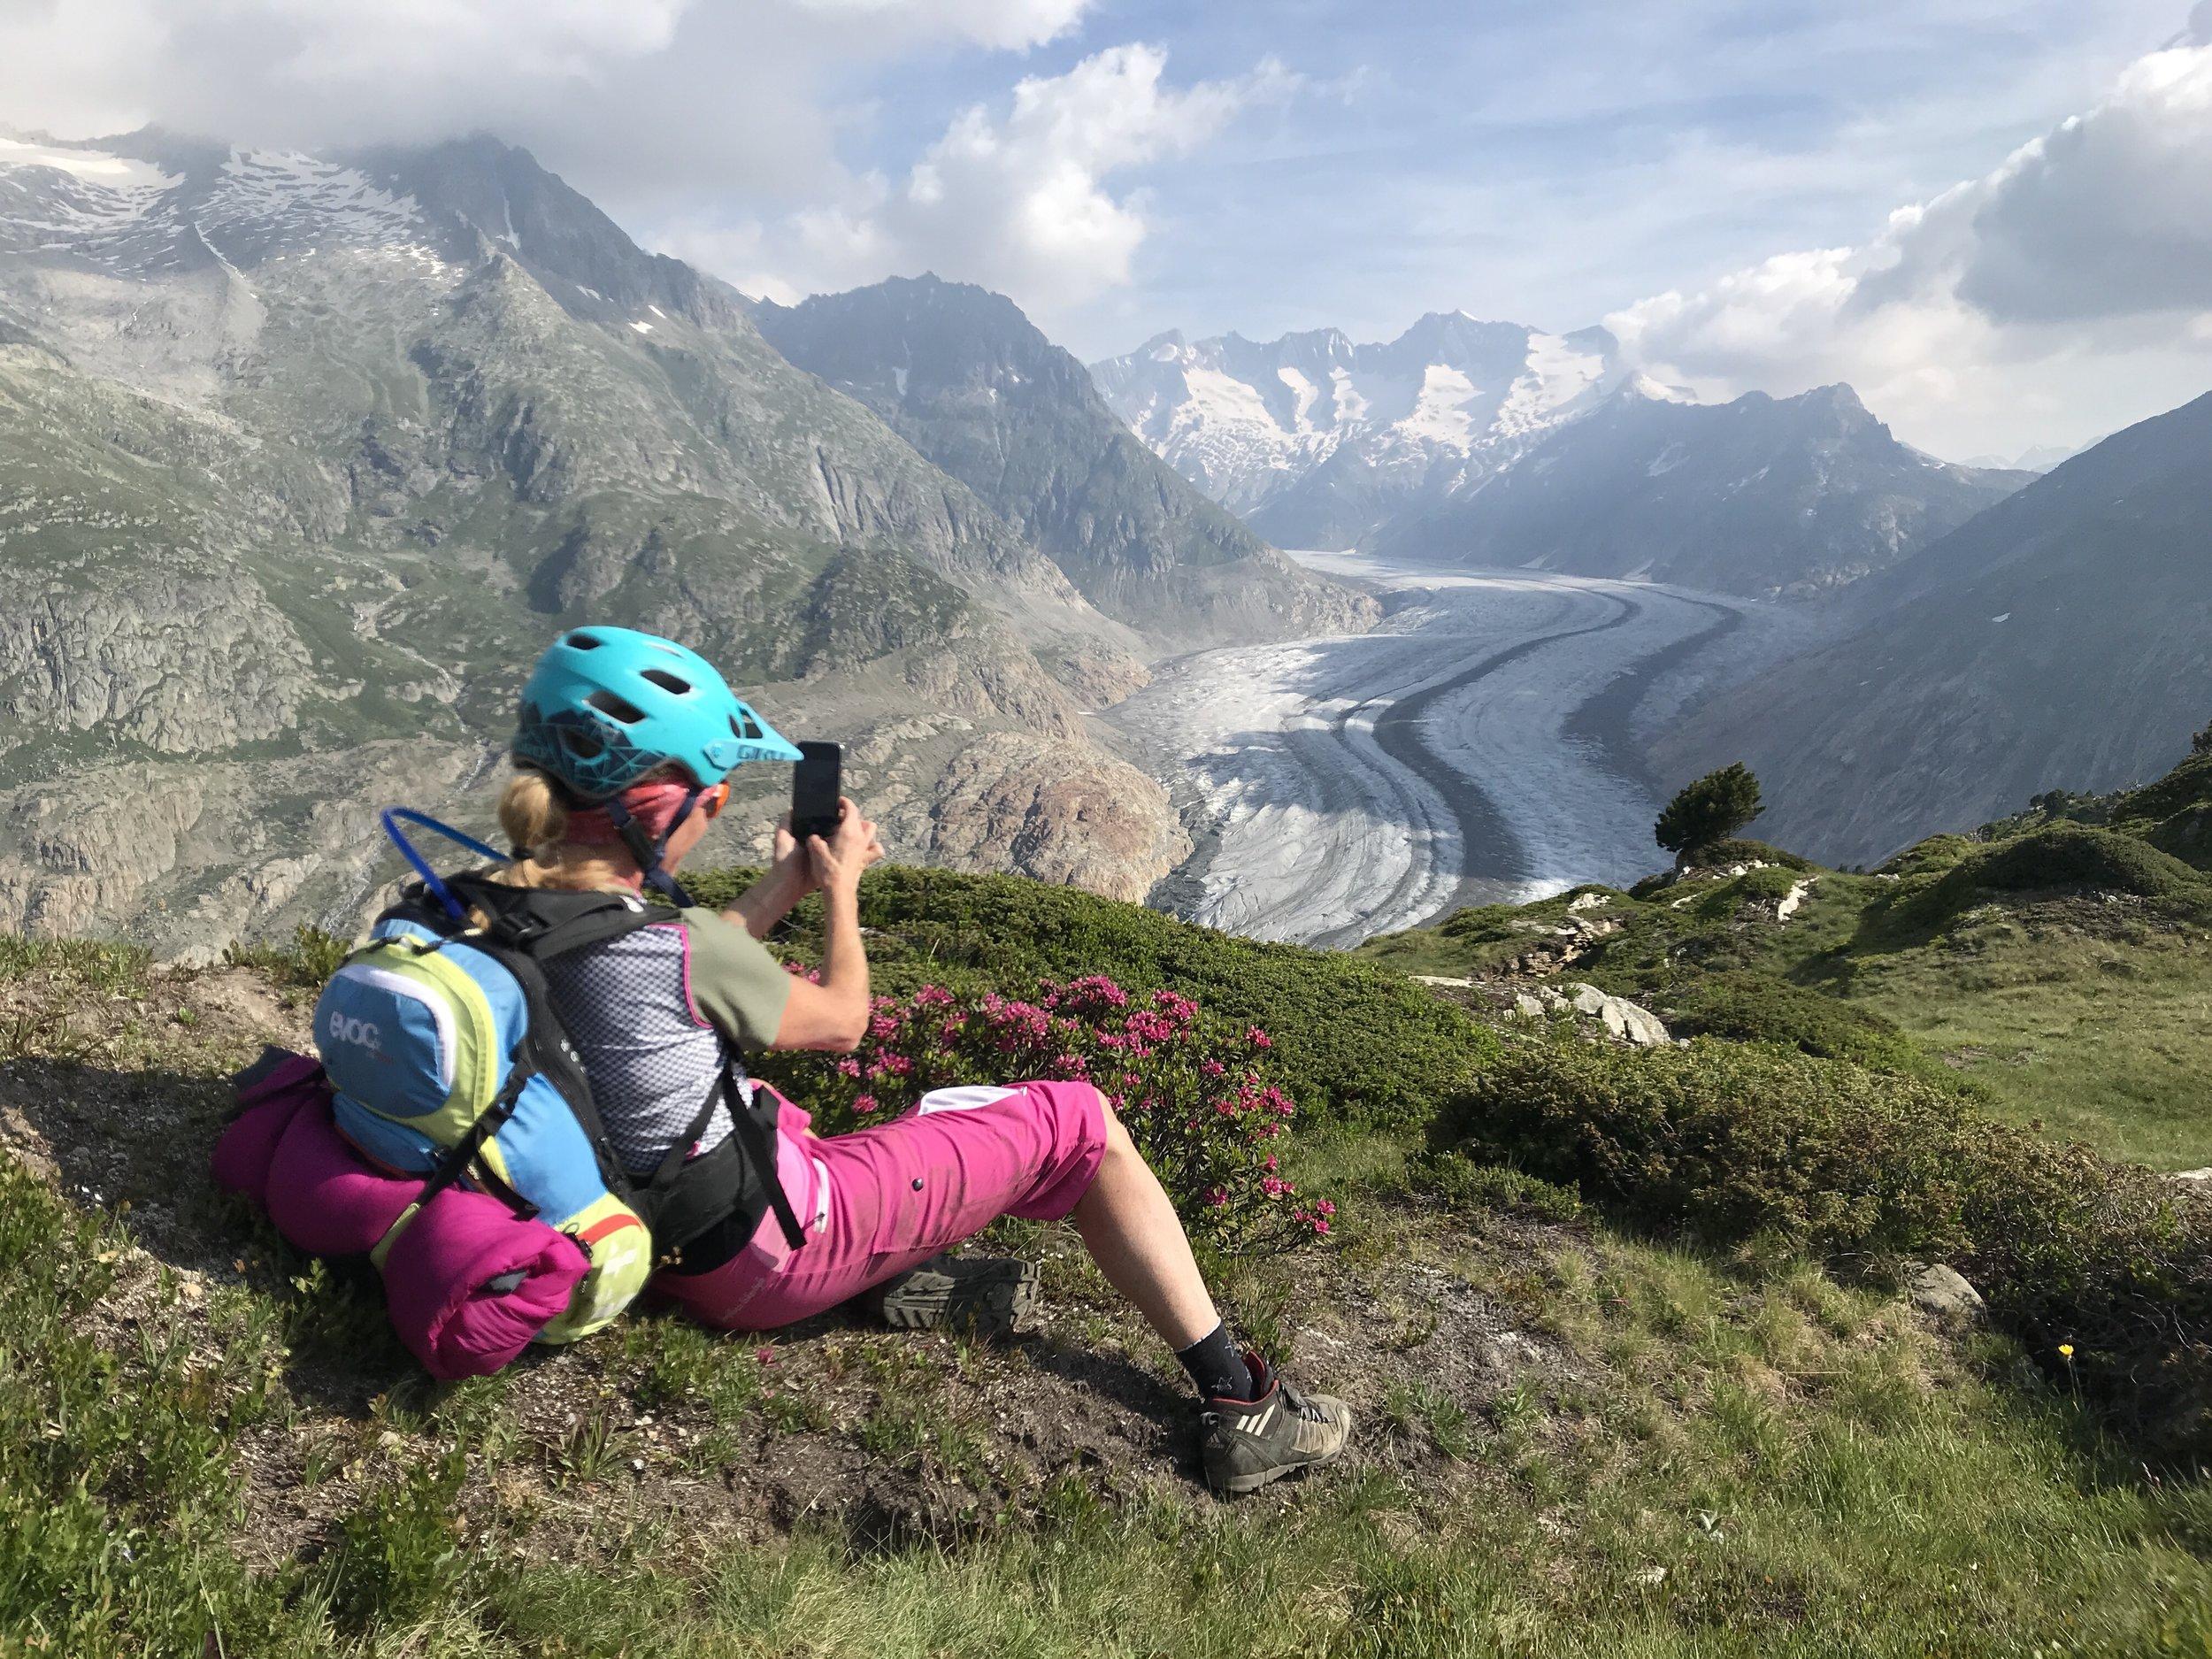 Alex im vollen Einsatz für ein Foto vom Aletschgletscher